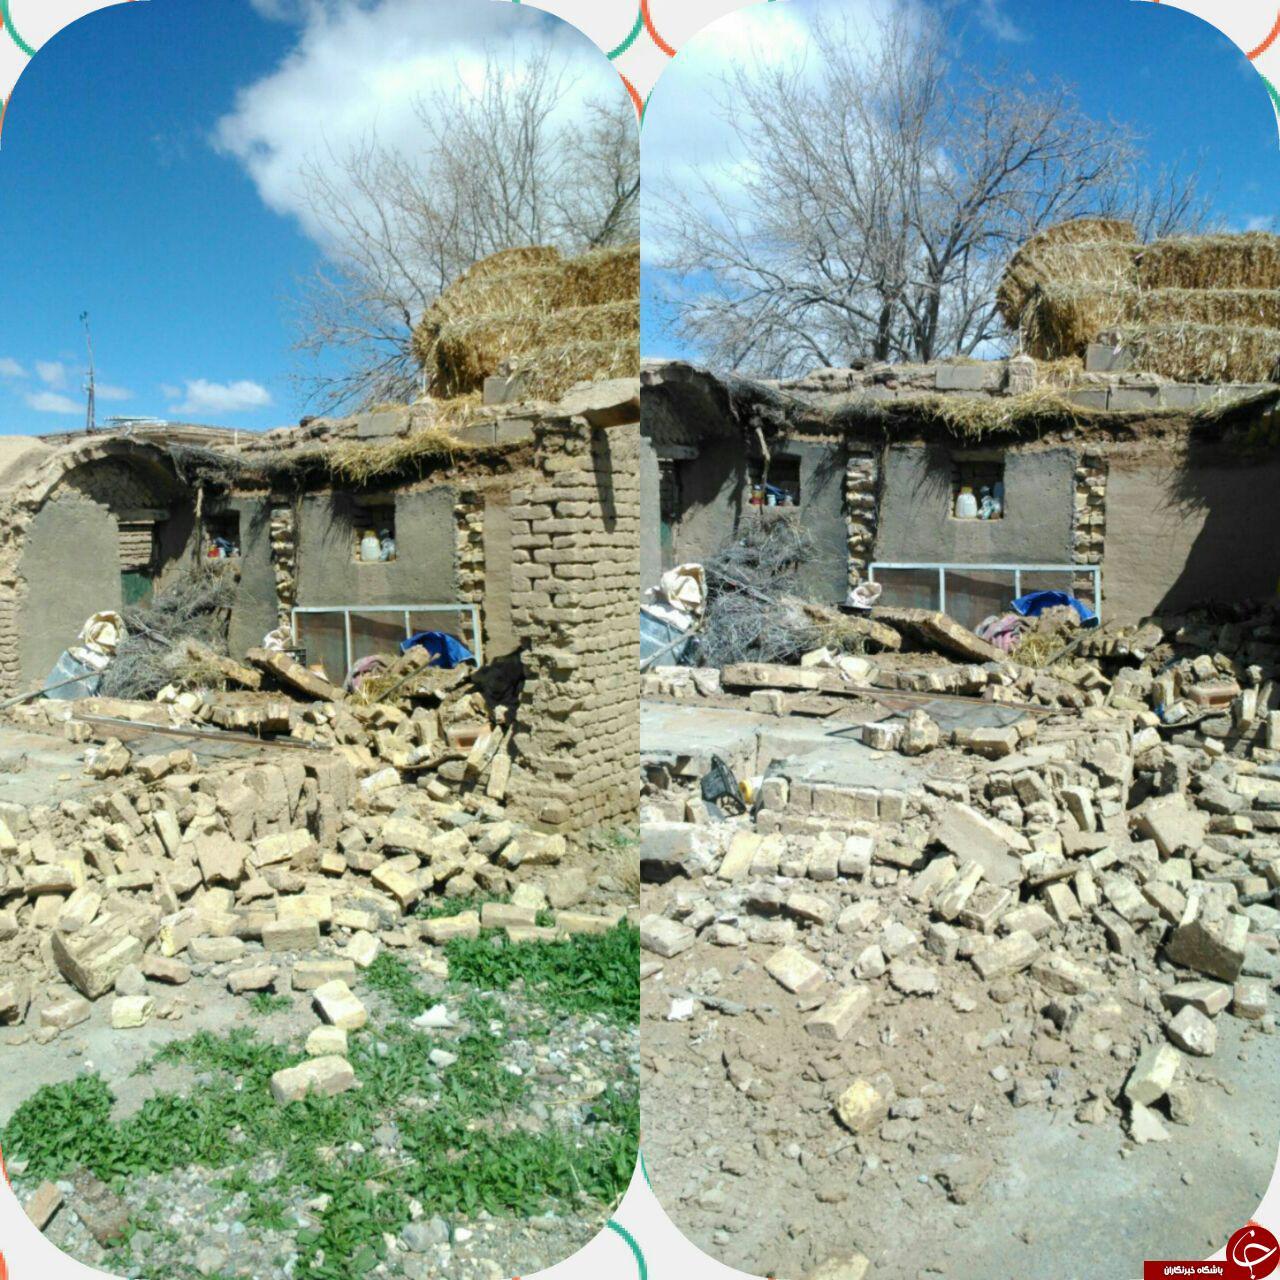 پس از زلزله در مشهد وشهرهای خراسان رضوی چه گذشت +تصاویر